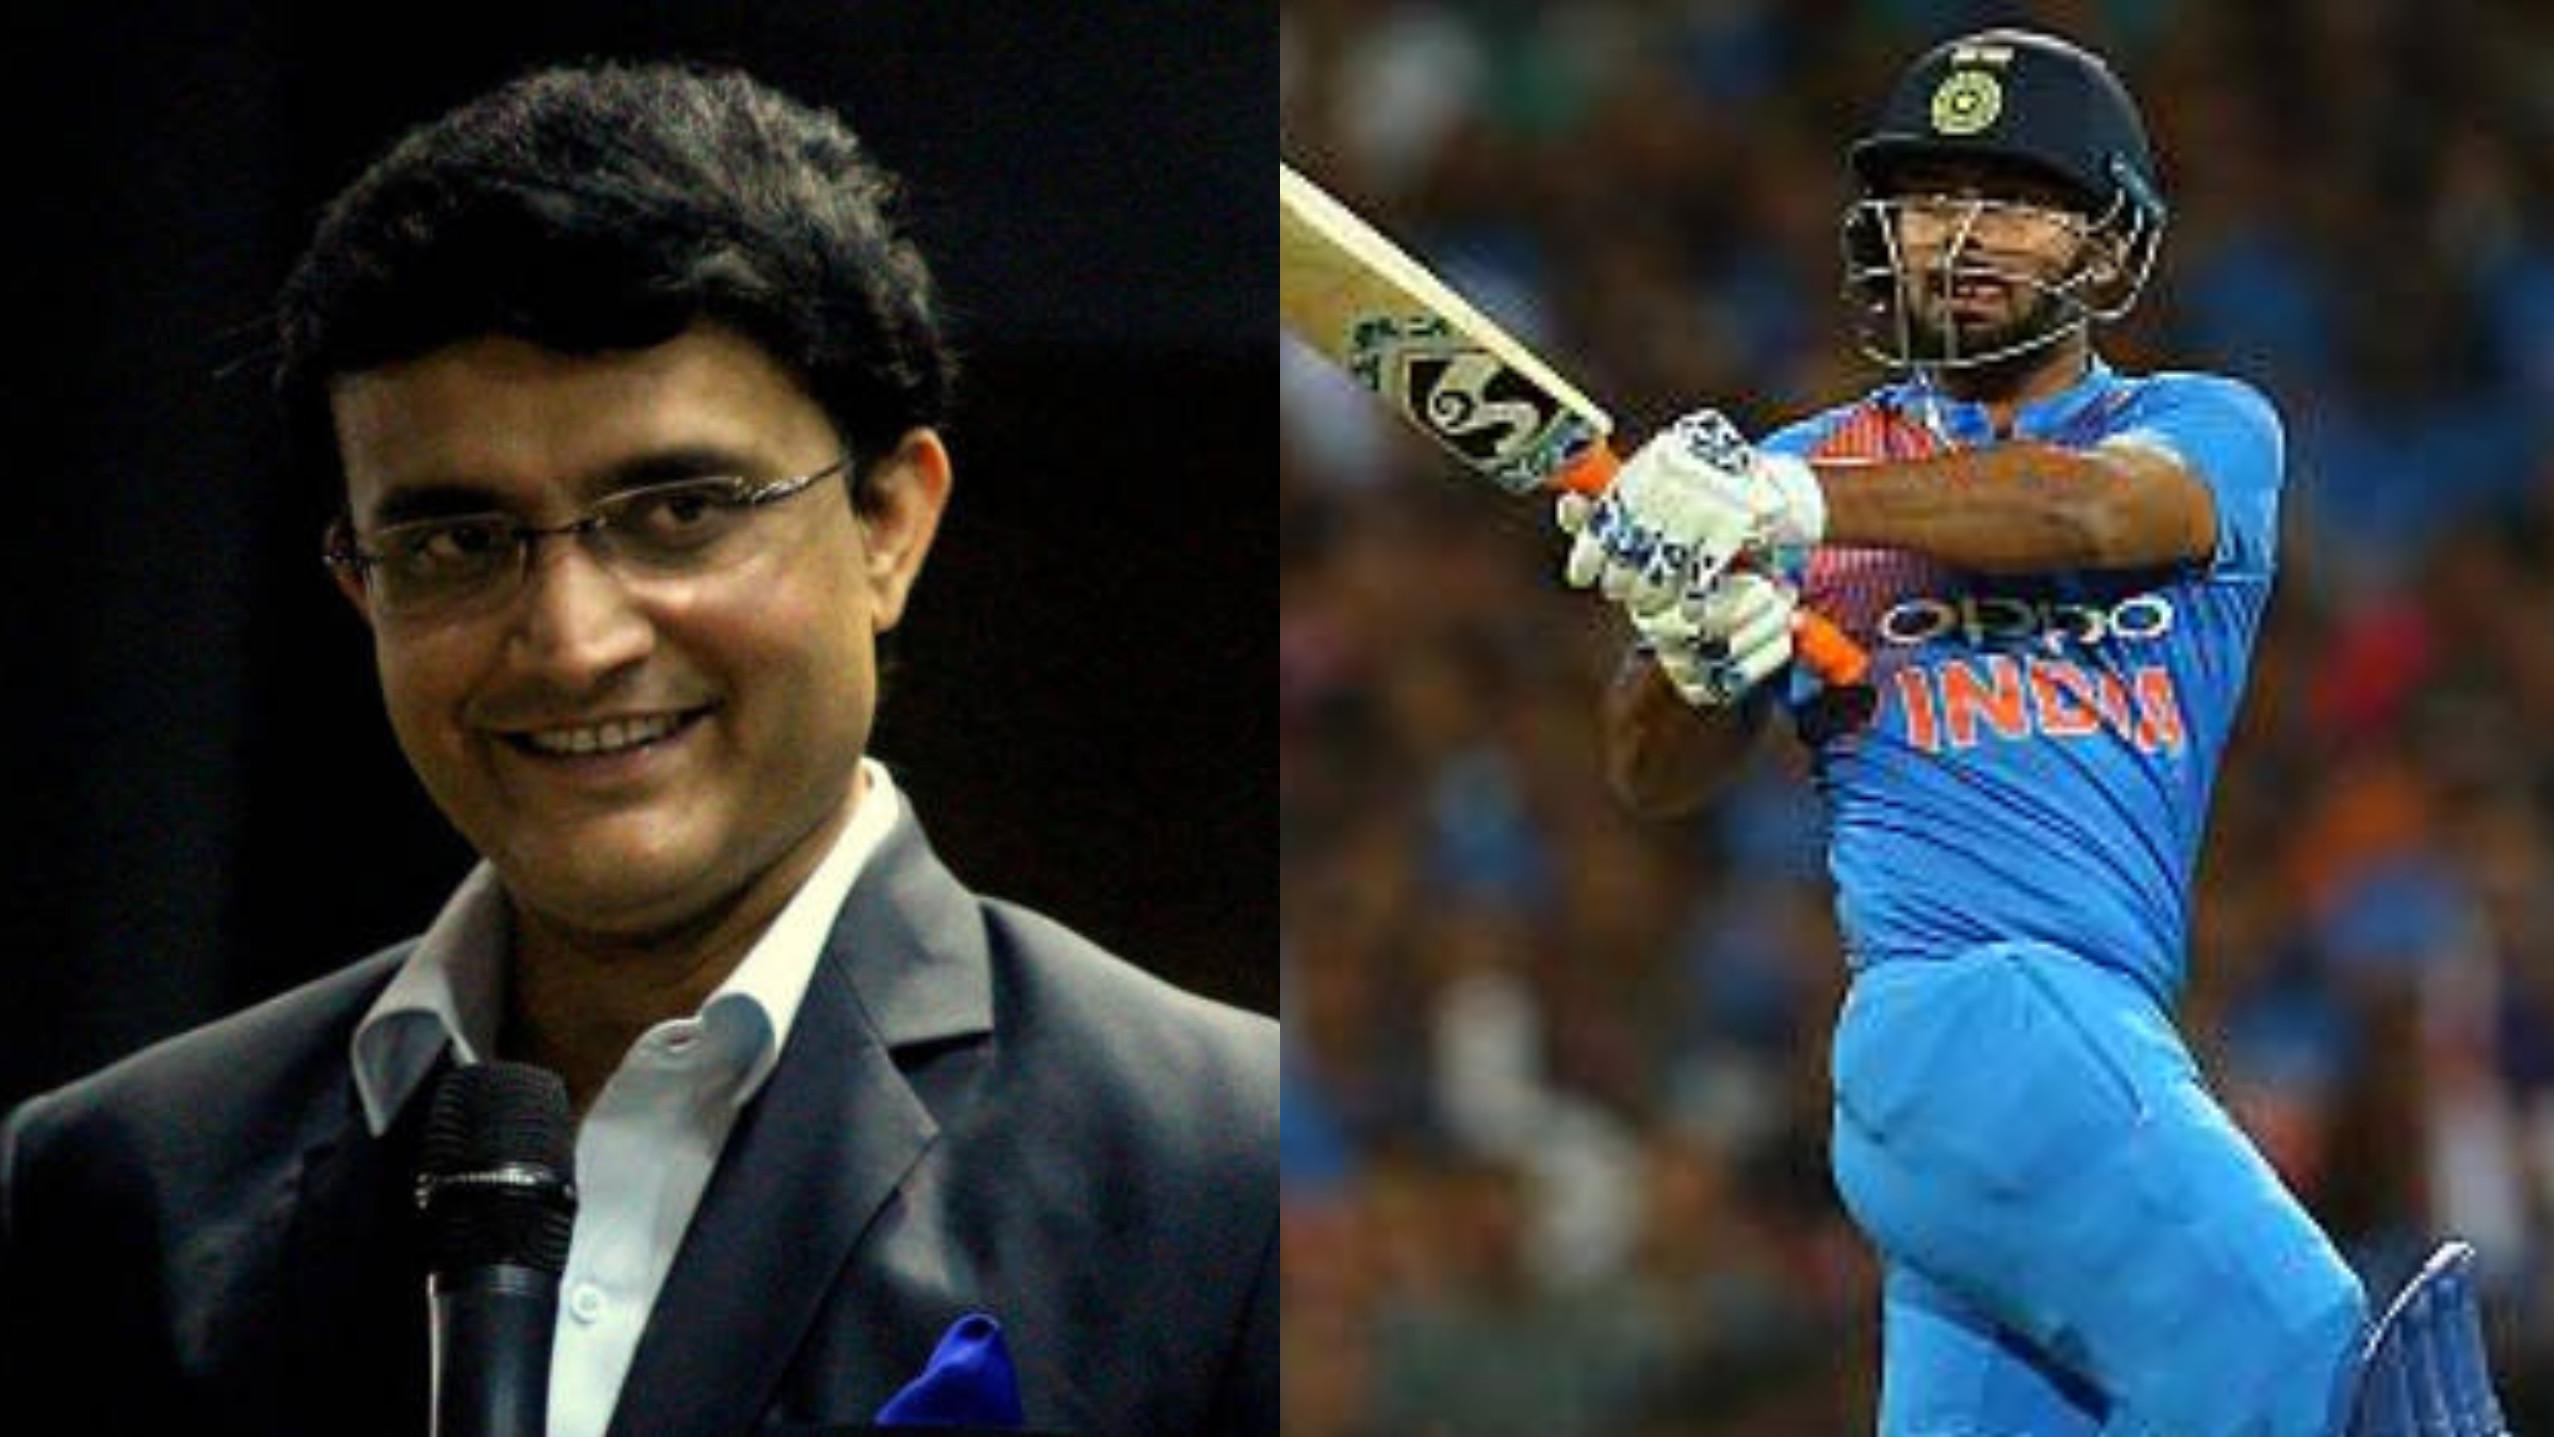 सौरव गांगुली के अनुसार रिषभ पंत को ऑस्ट्रेलिया के खिलाफ वनडे सीरीज के लिए टीम में शामिल किया जाना चाहिए